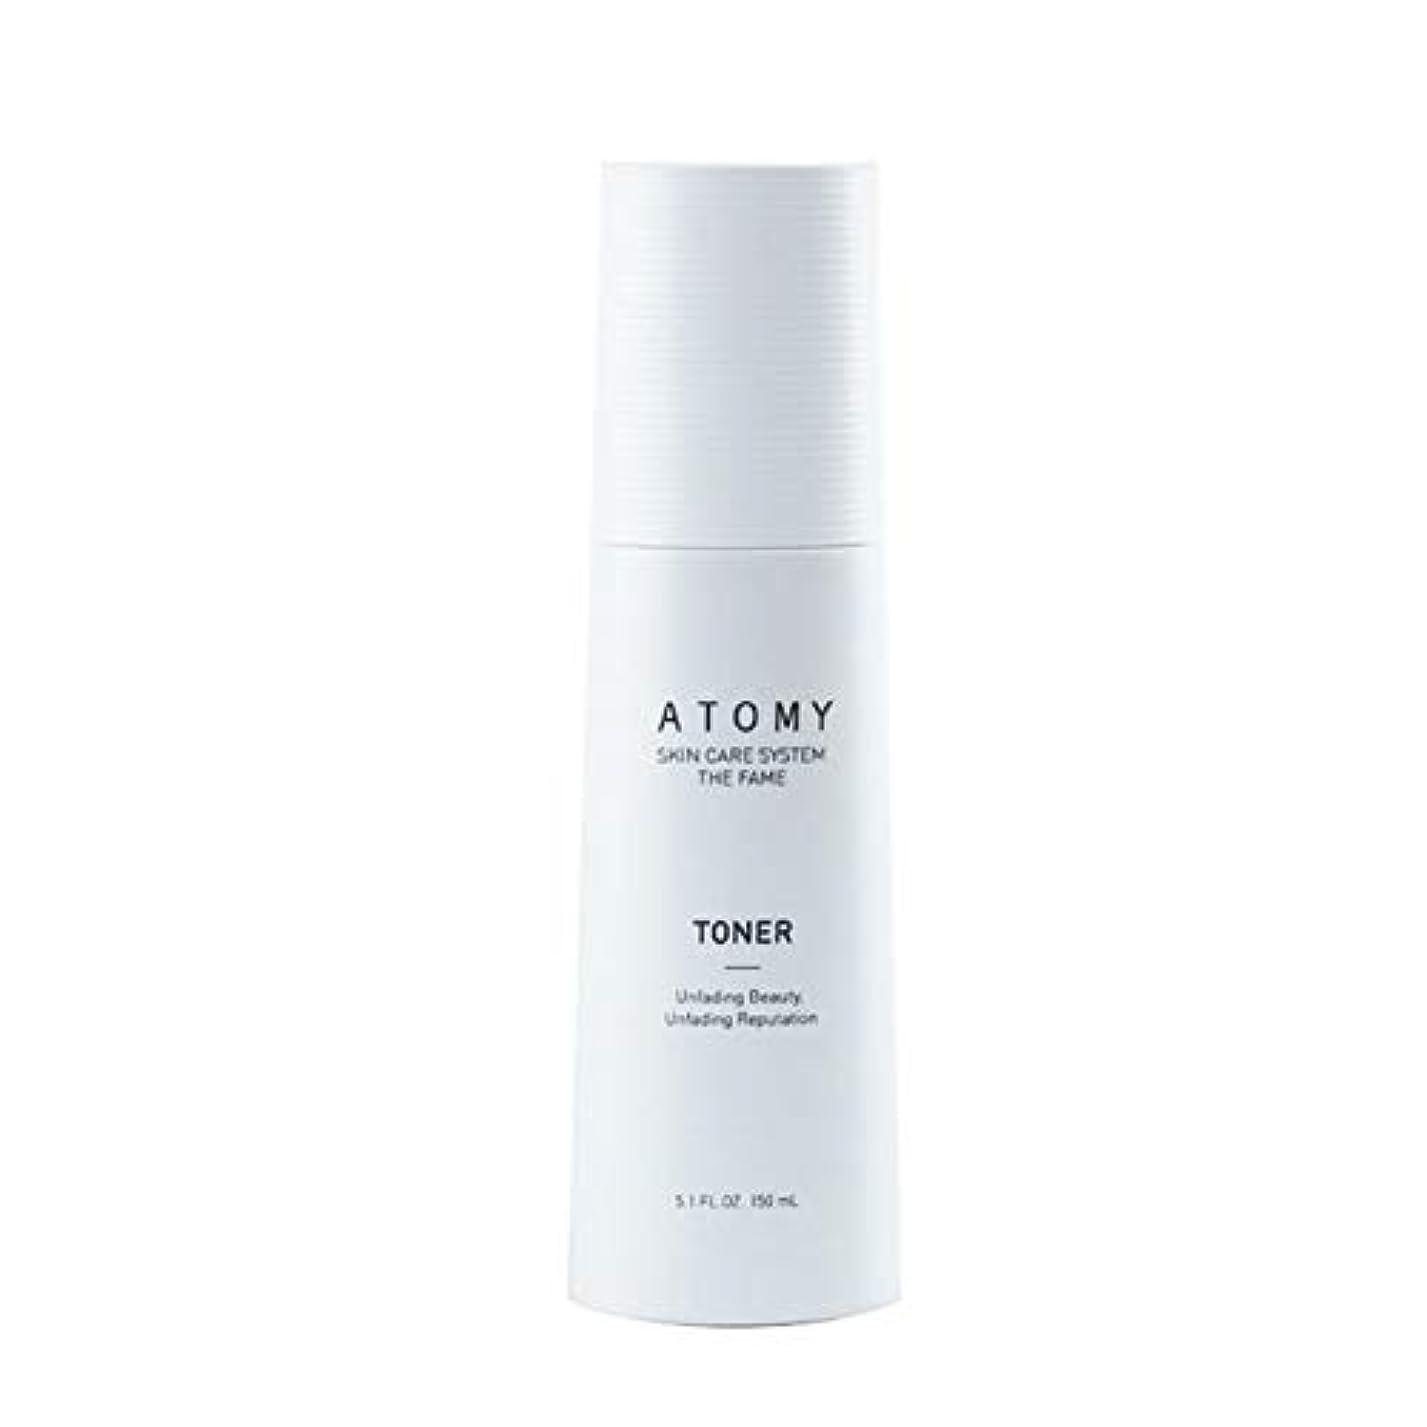 不均一期待するウォーターフロントアトミザ?フェームトナー150ml韓国コスメ、Atomy The Fame Toner 150ml Korean Cosmetics [並行輸入品]